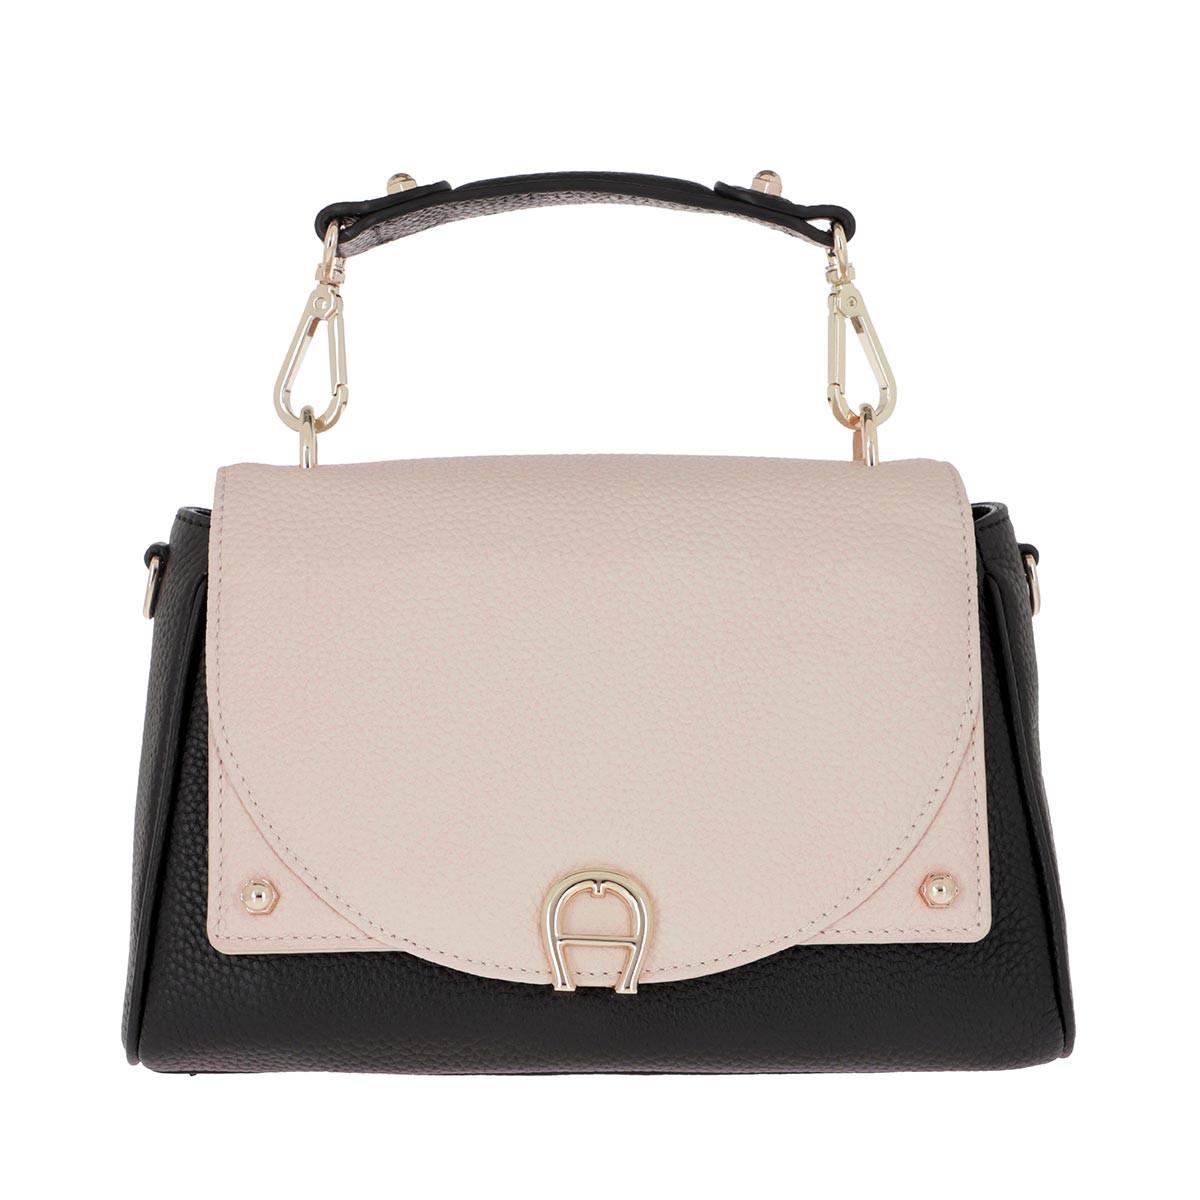 Aigner Umhängetasche - Diadora Handle Bag Antique White - in weiß - für Damen